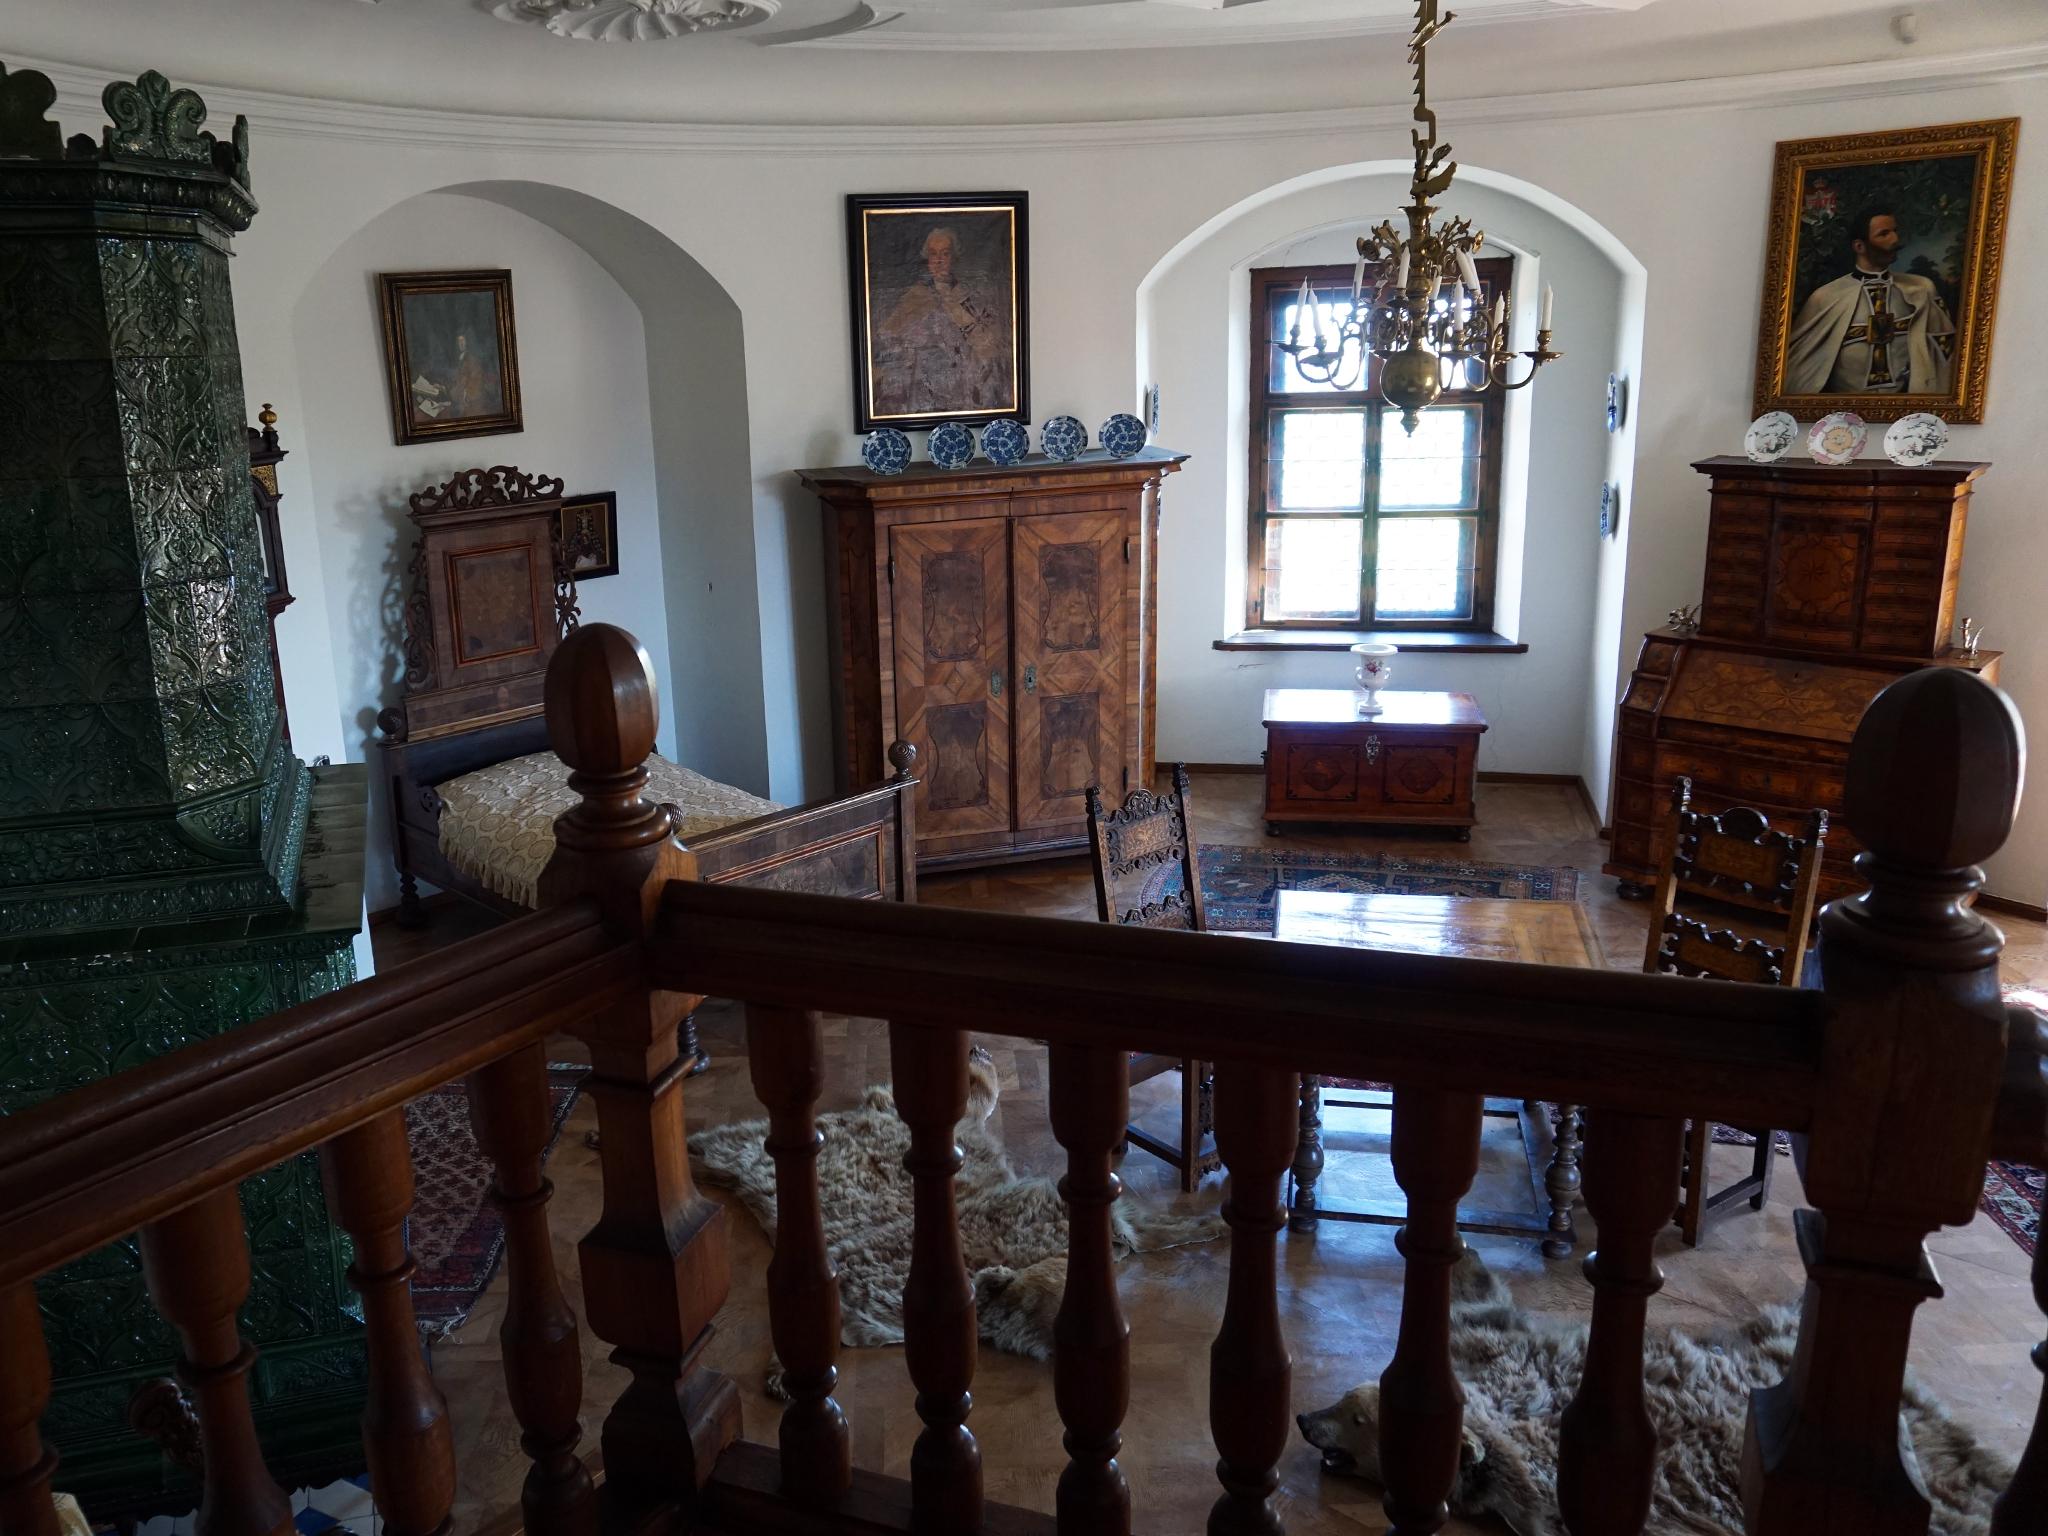 bouzov castello fantaghirò moravia repubblica ceca interni camera